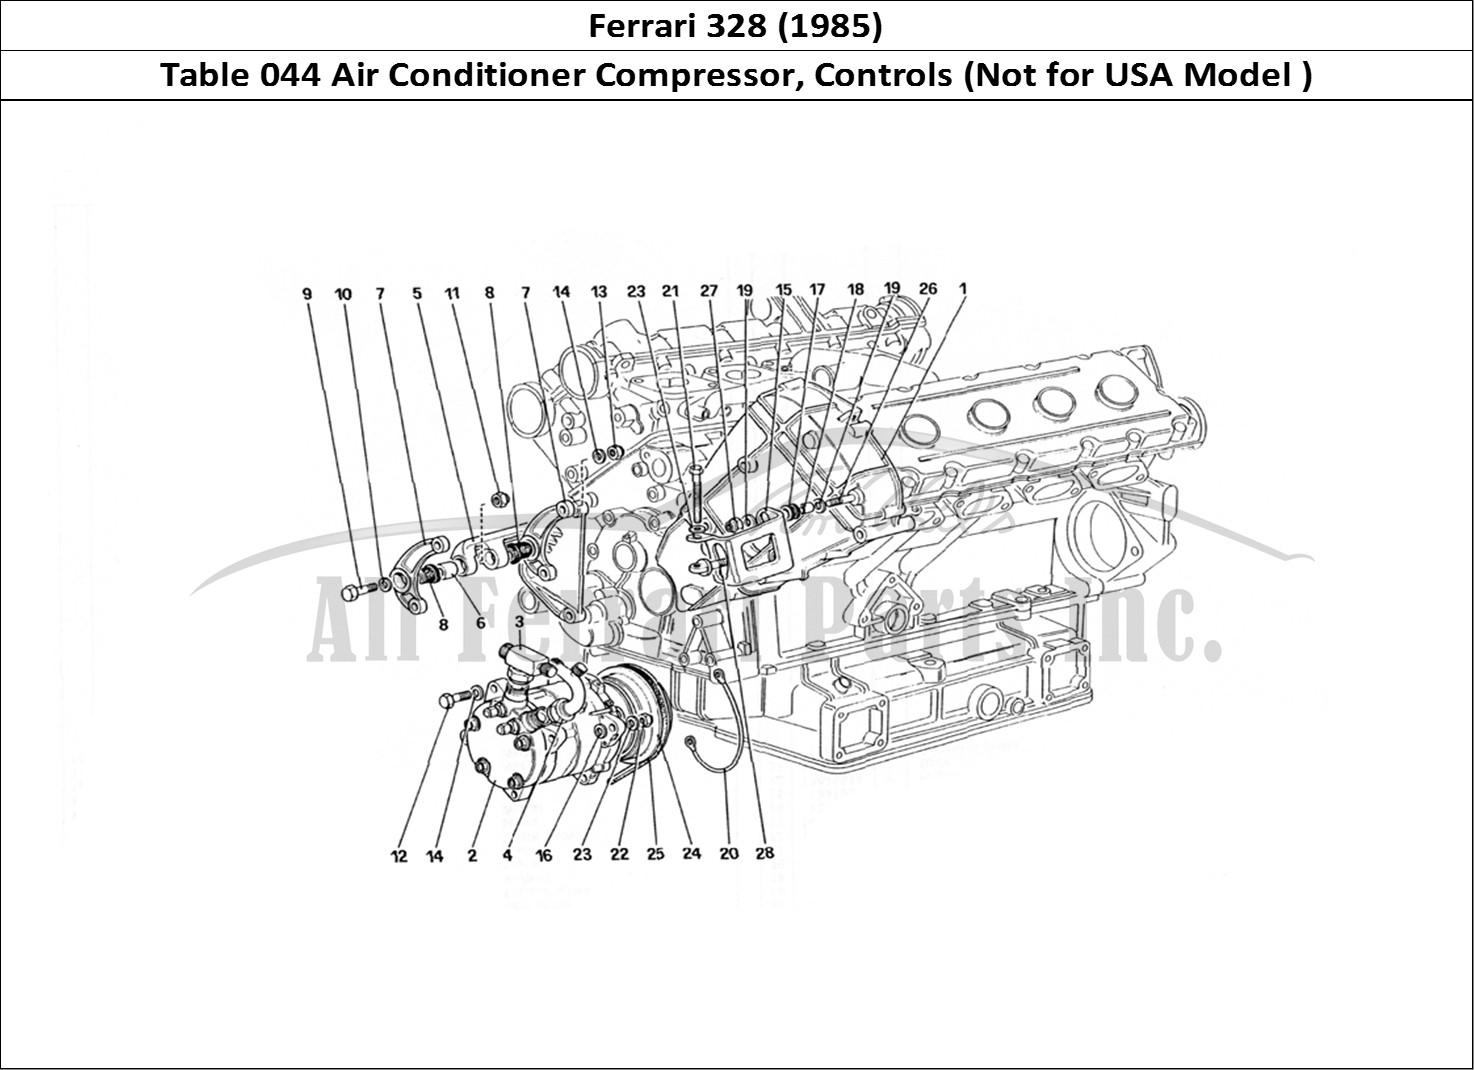 Buy Original Ferrari 328 044 Air Conditioner